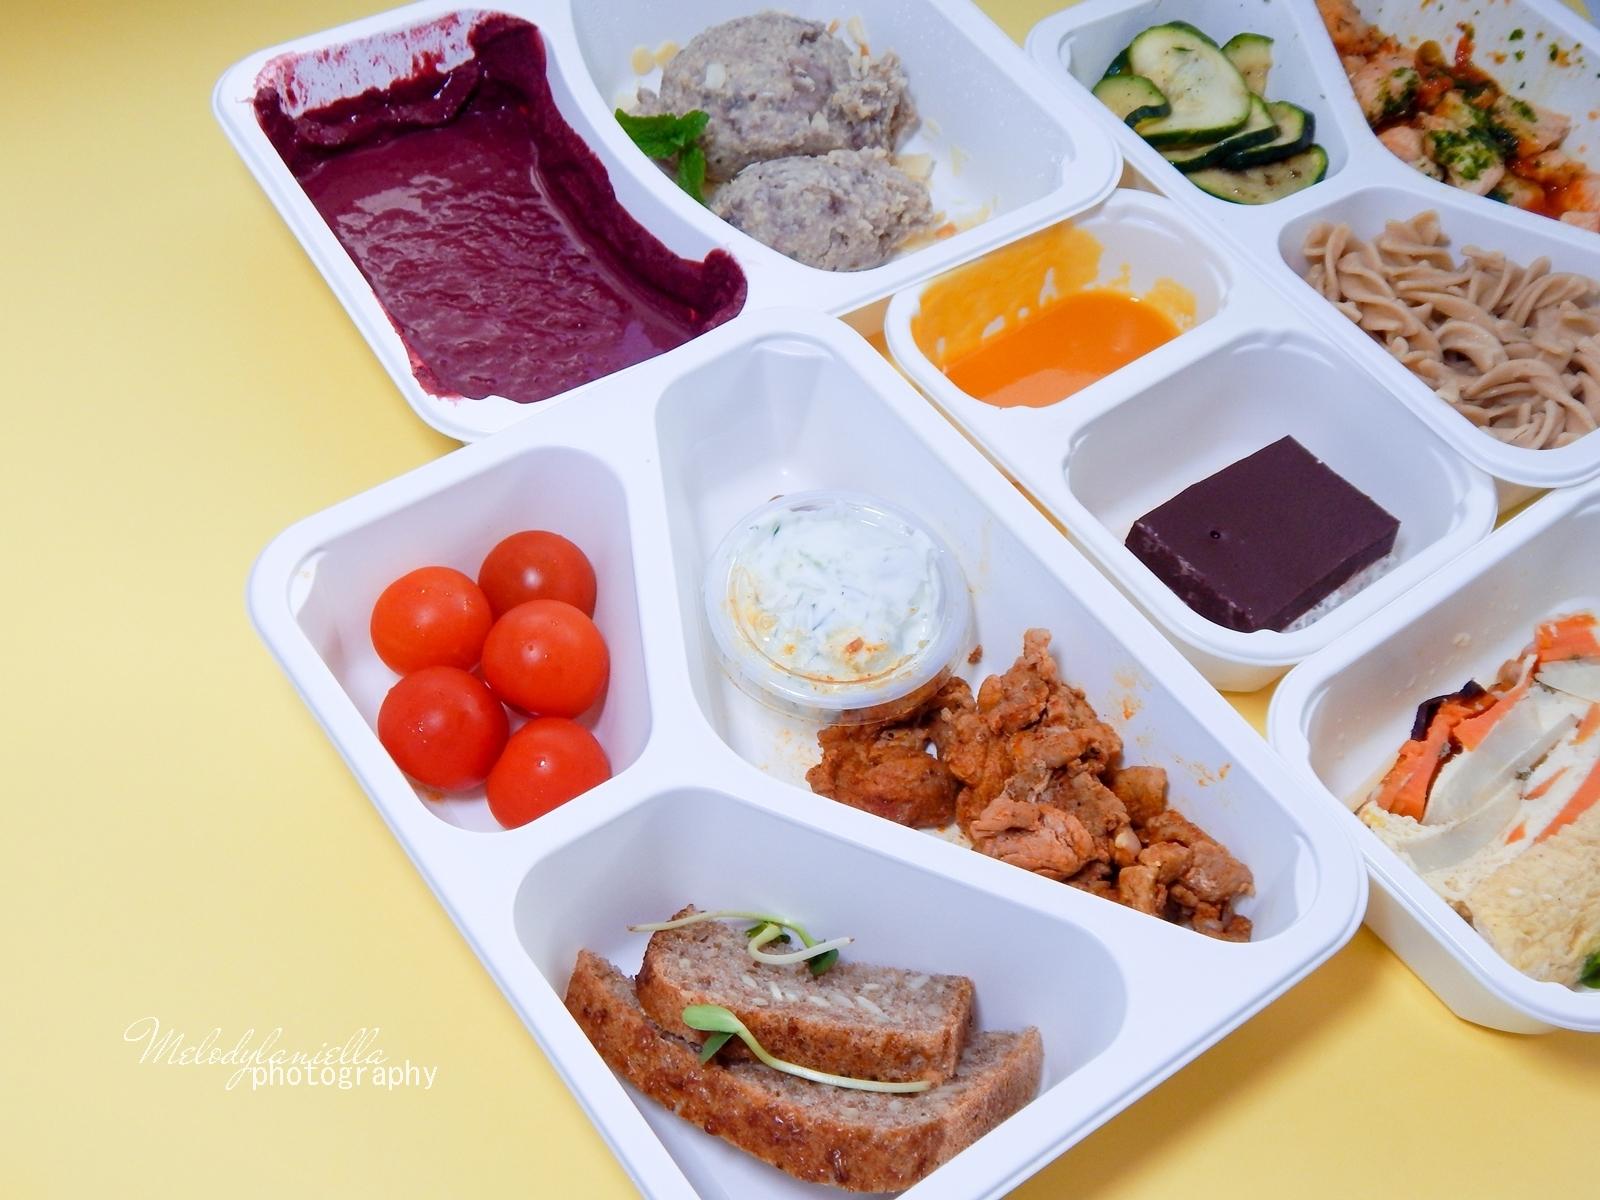 013 cateromarket dieta pudełkowa catering dietetyczny dieta jak przejść na dietę catering z dowozem do domu dieta kalorie melodylaniella dieta na cały dzień jedzenie na cały dzień catering do domu